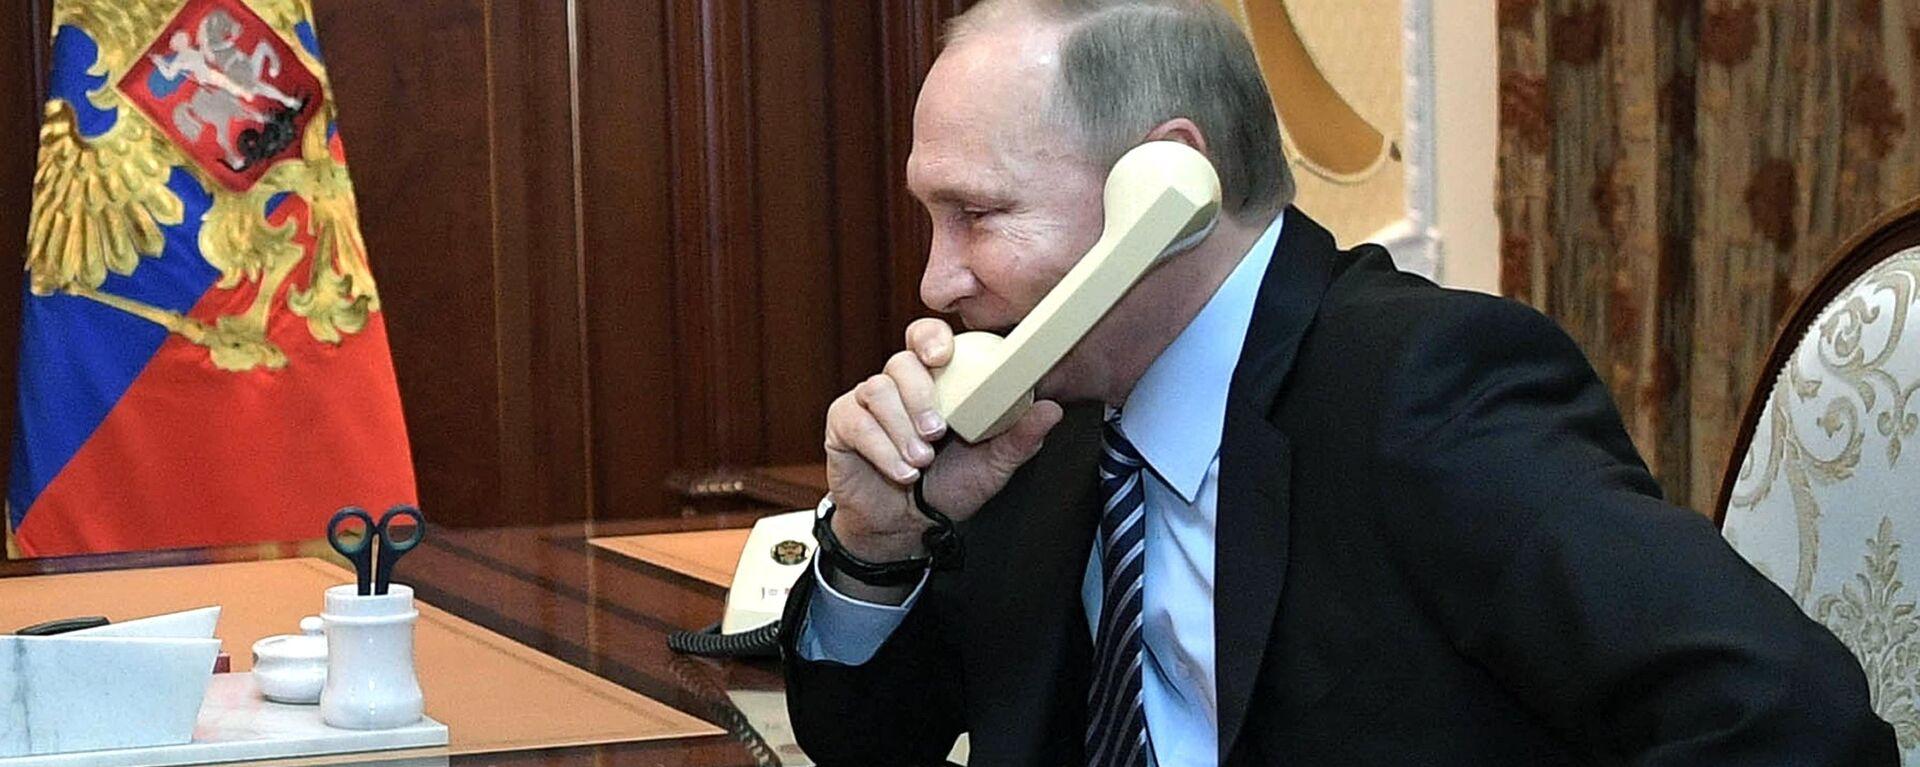 Vladímir Putin, presidente de Rusia, habla por teléfono (archivo) - Sputnik Mundo, 1920, 02.02.2021